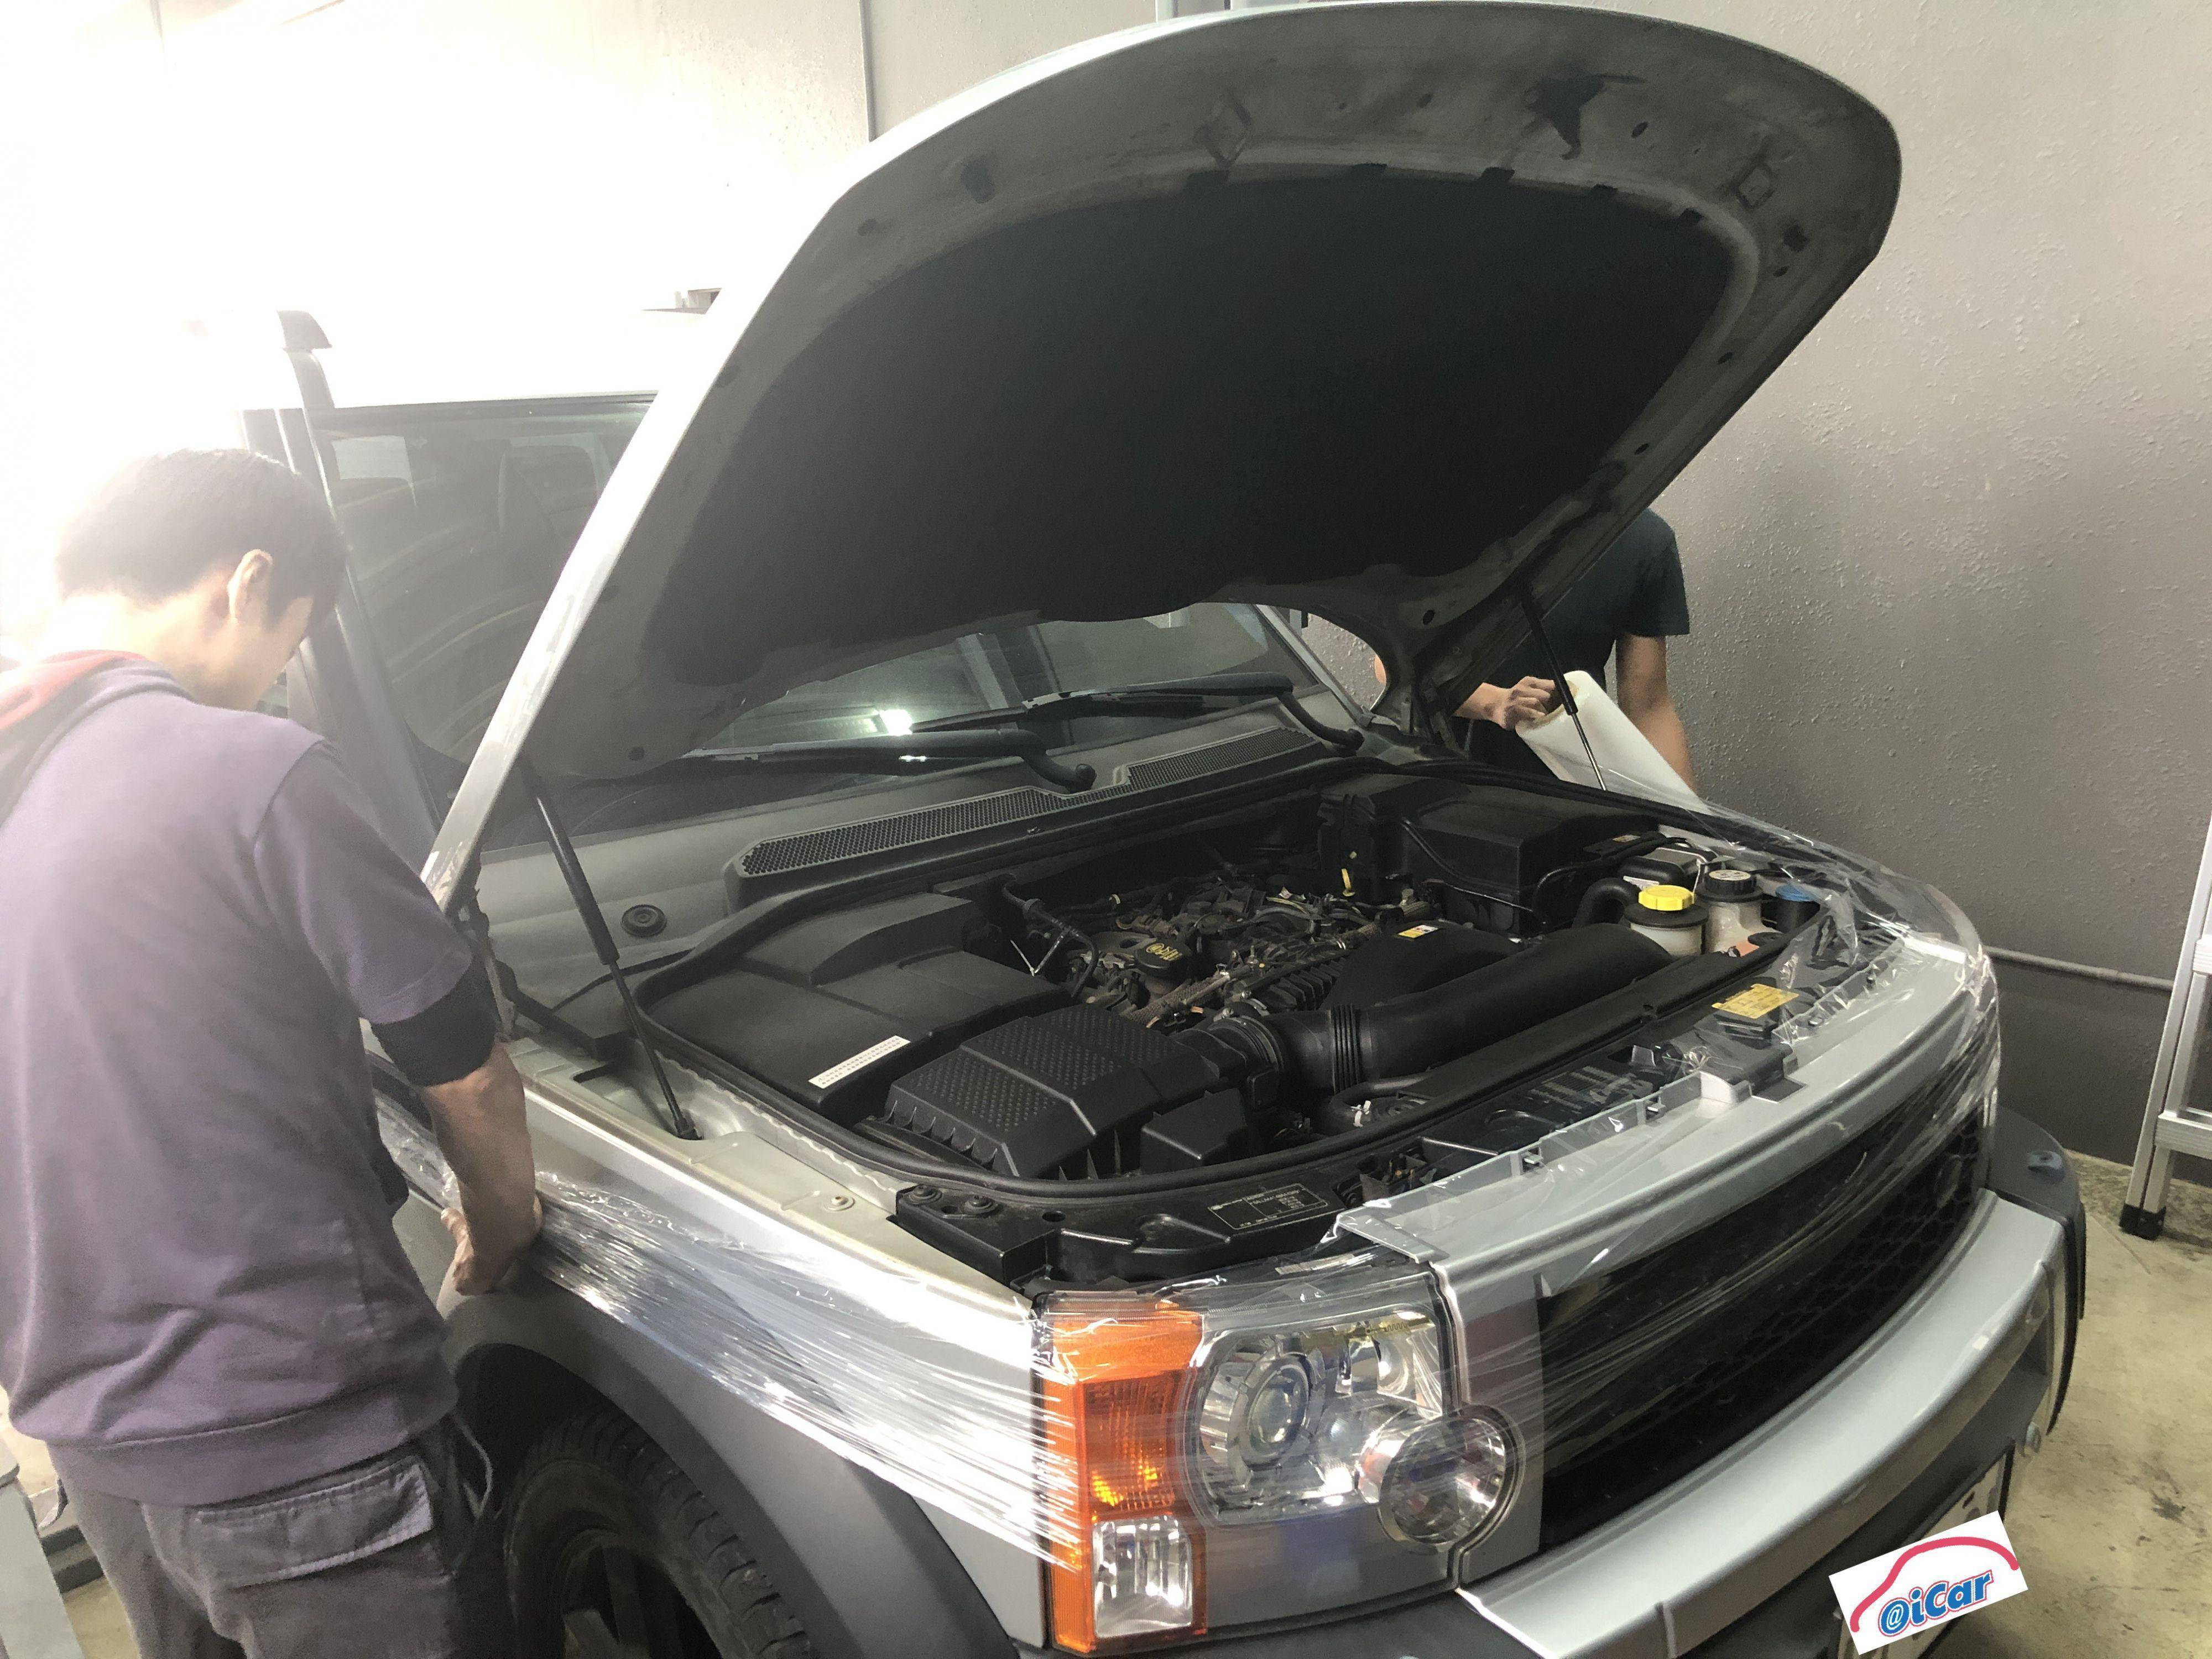 進廠後,會在車輛施工區域鈑件上貼上防刮磨,避免施工時所造成的划傷。